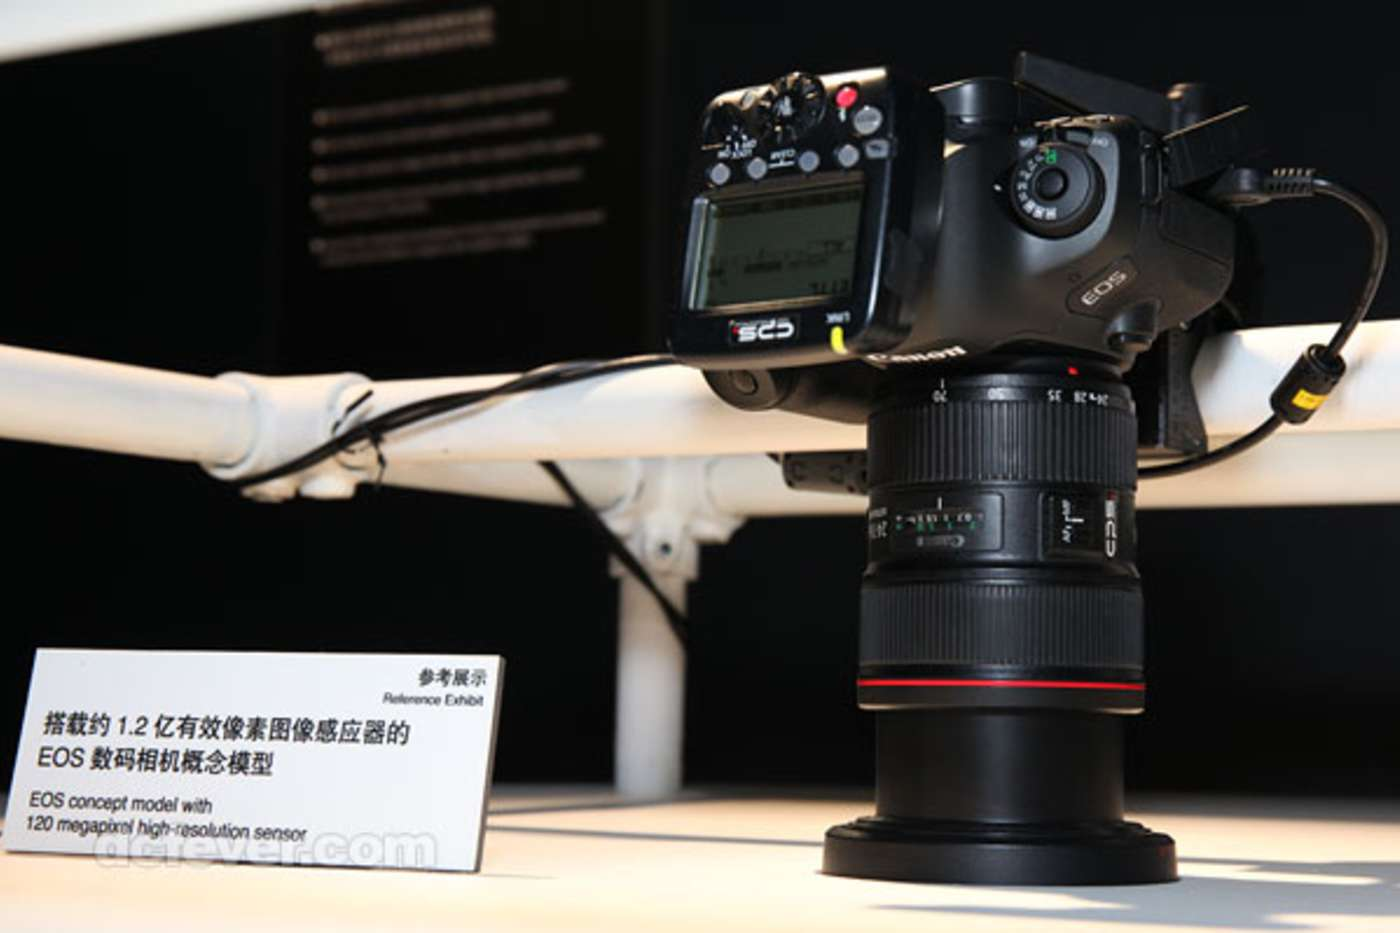 canon_120mpx_camera.jpg